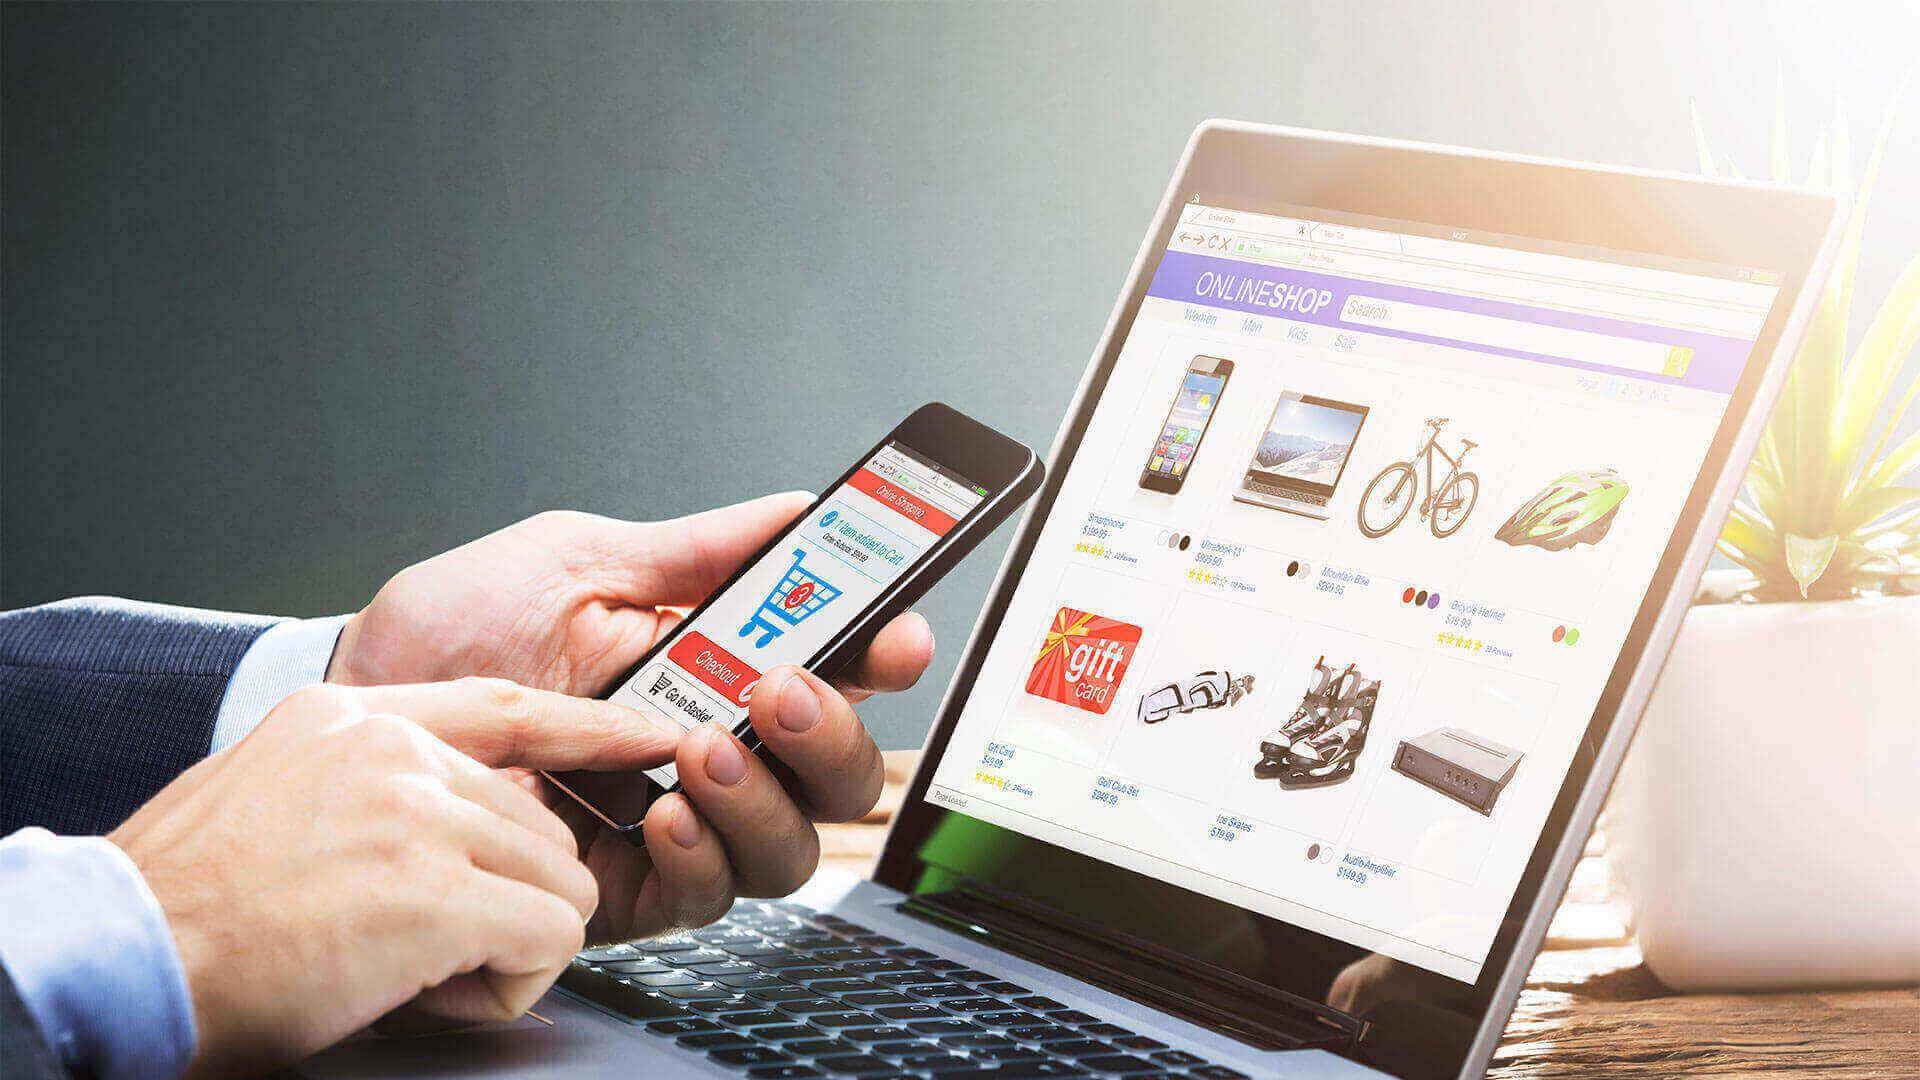 Su sitio web es su mayor oportunidad de estrategia digital